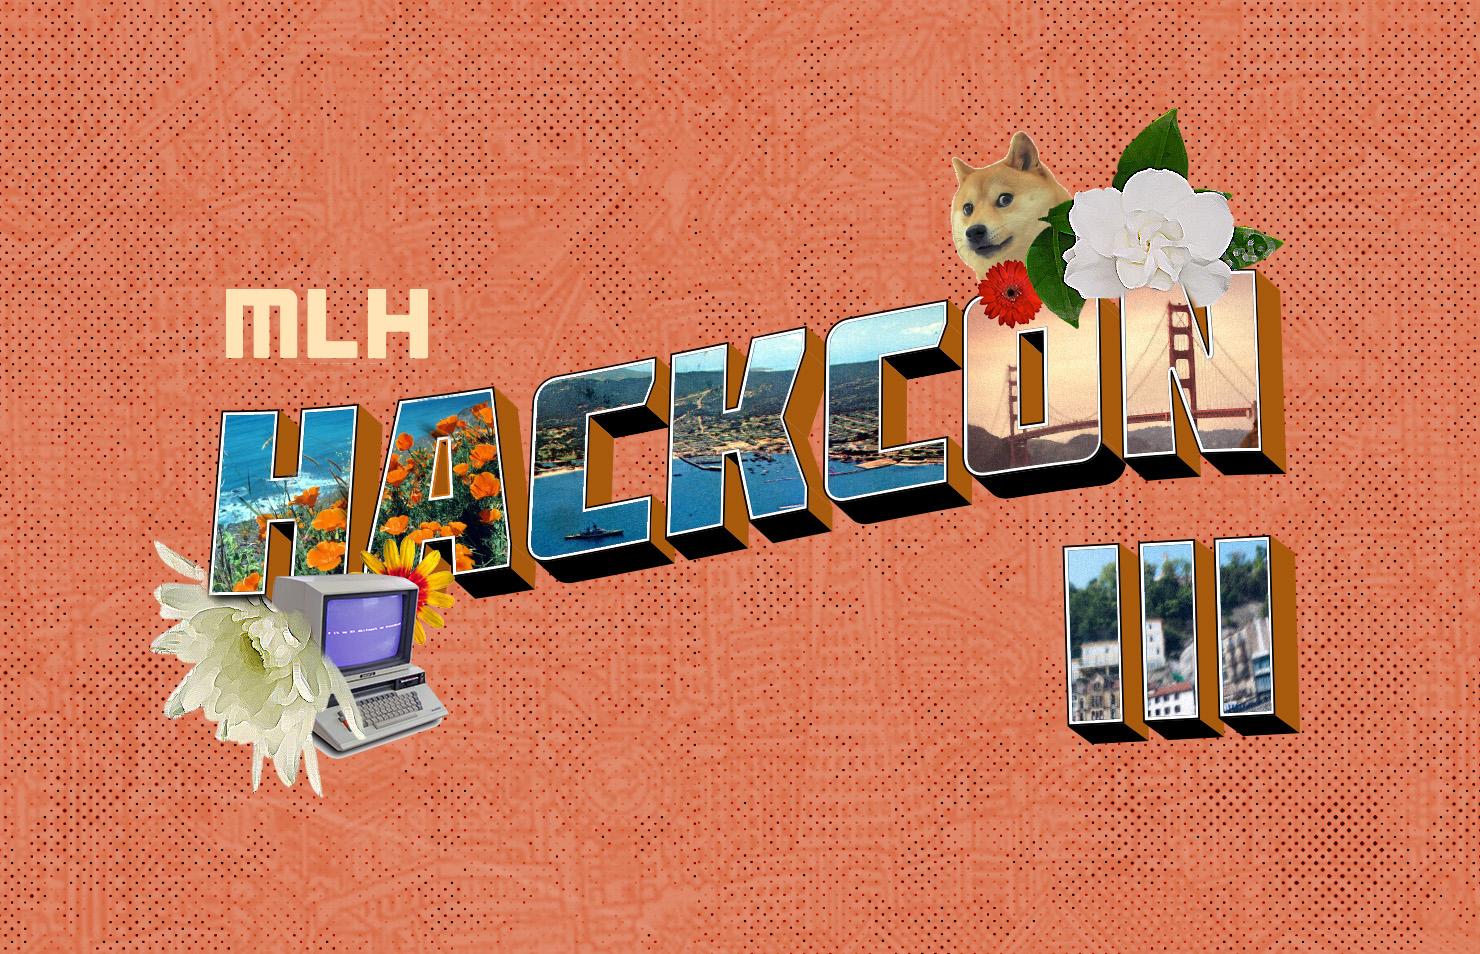 hackcon-iii-banner